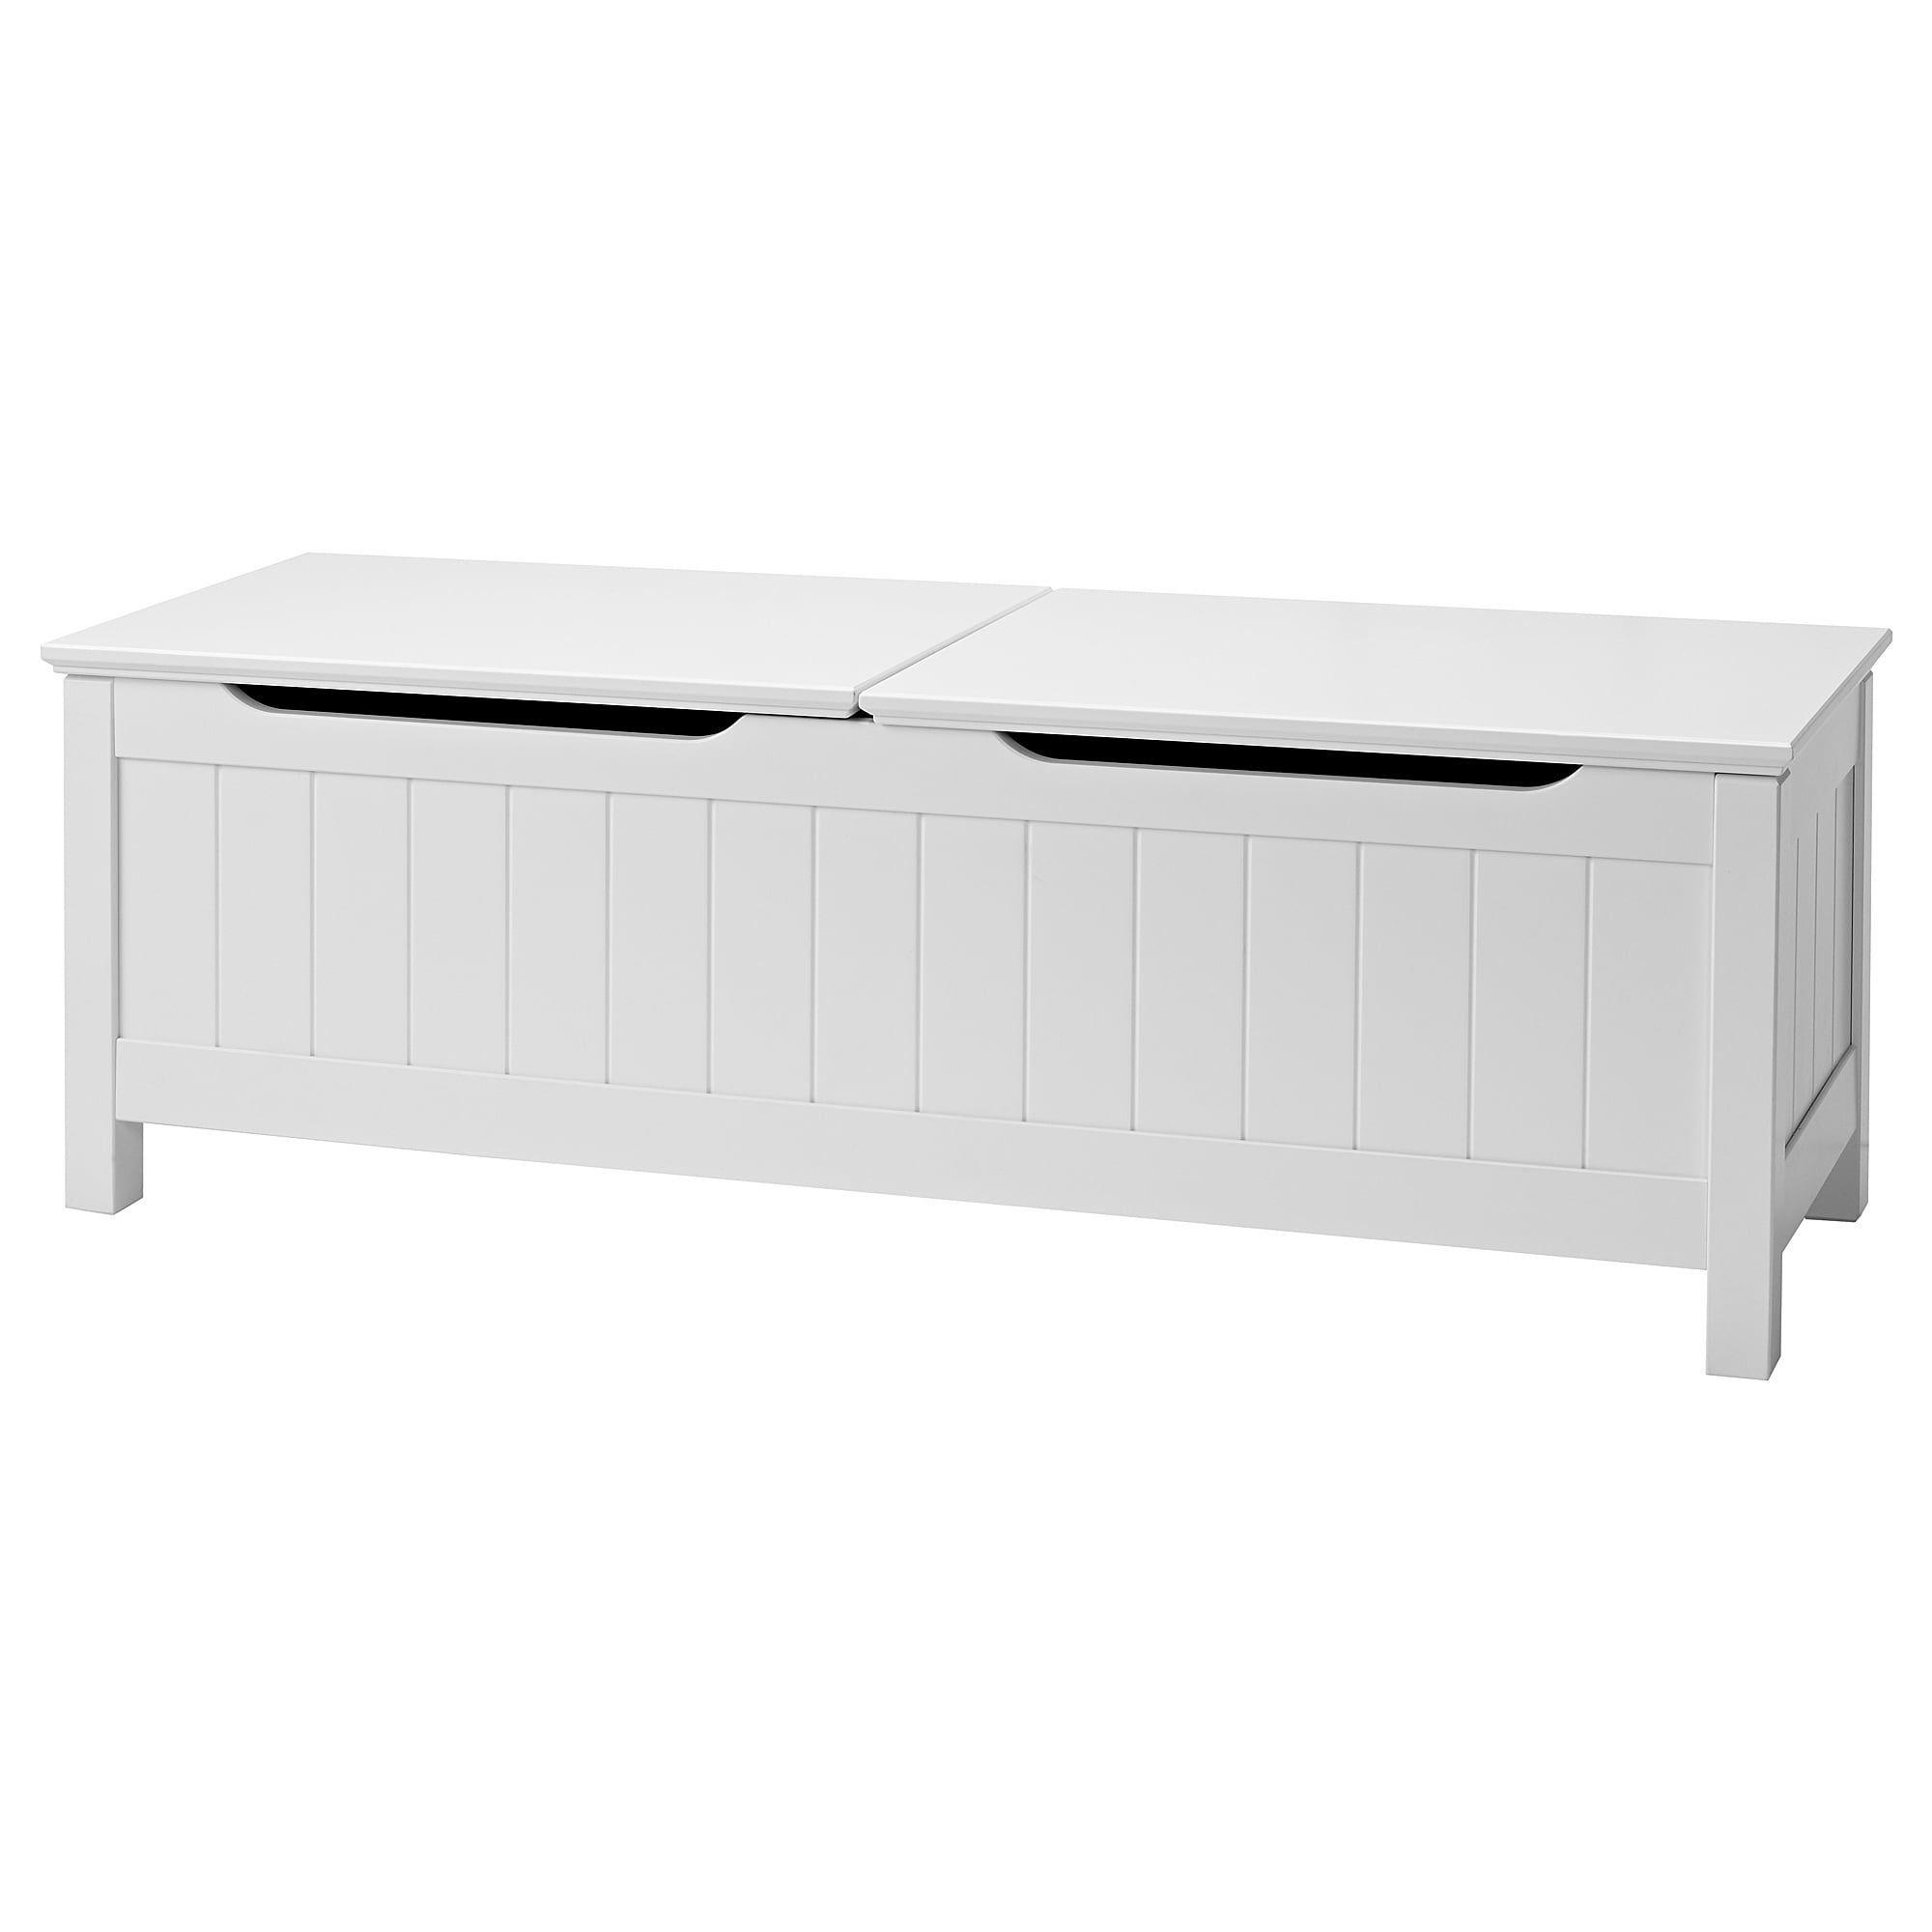 Meubles Et Accessoires | Petit Meuble Rangement, Banc De ... avec Banc Coffre Jardin Ikea